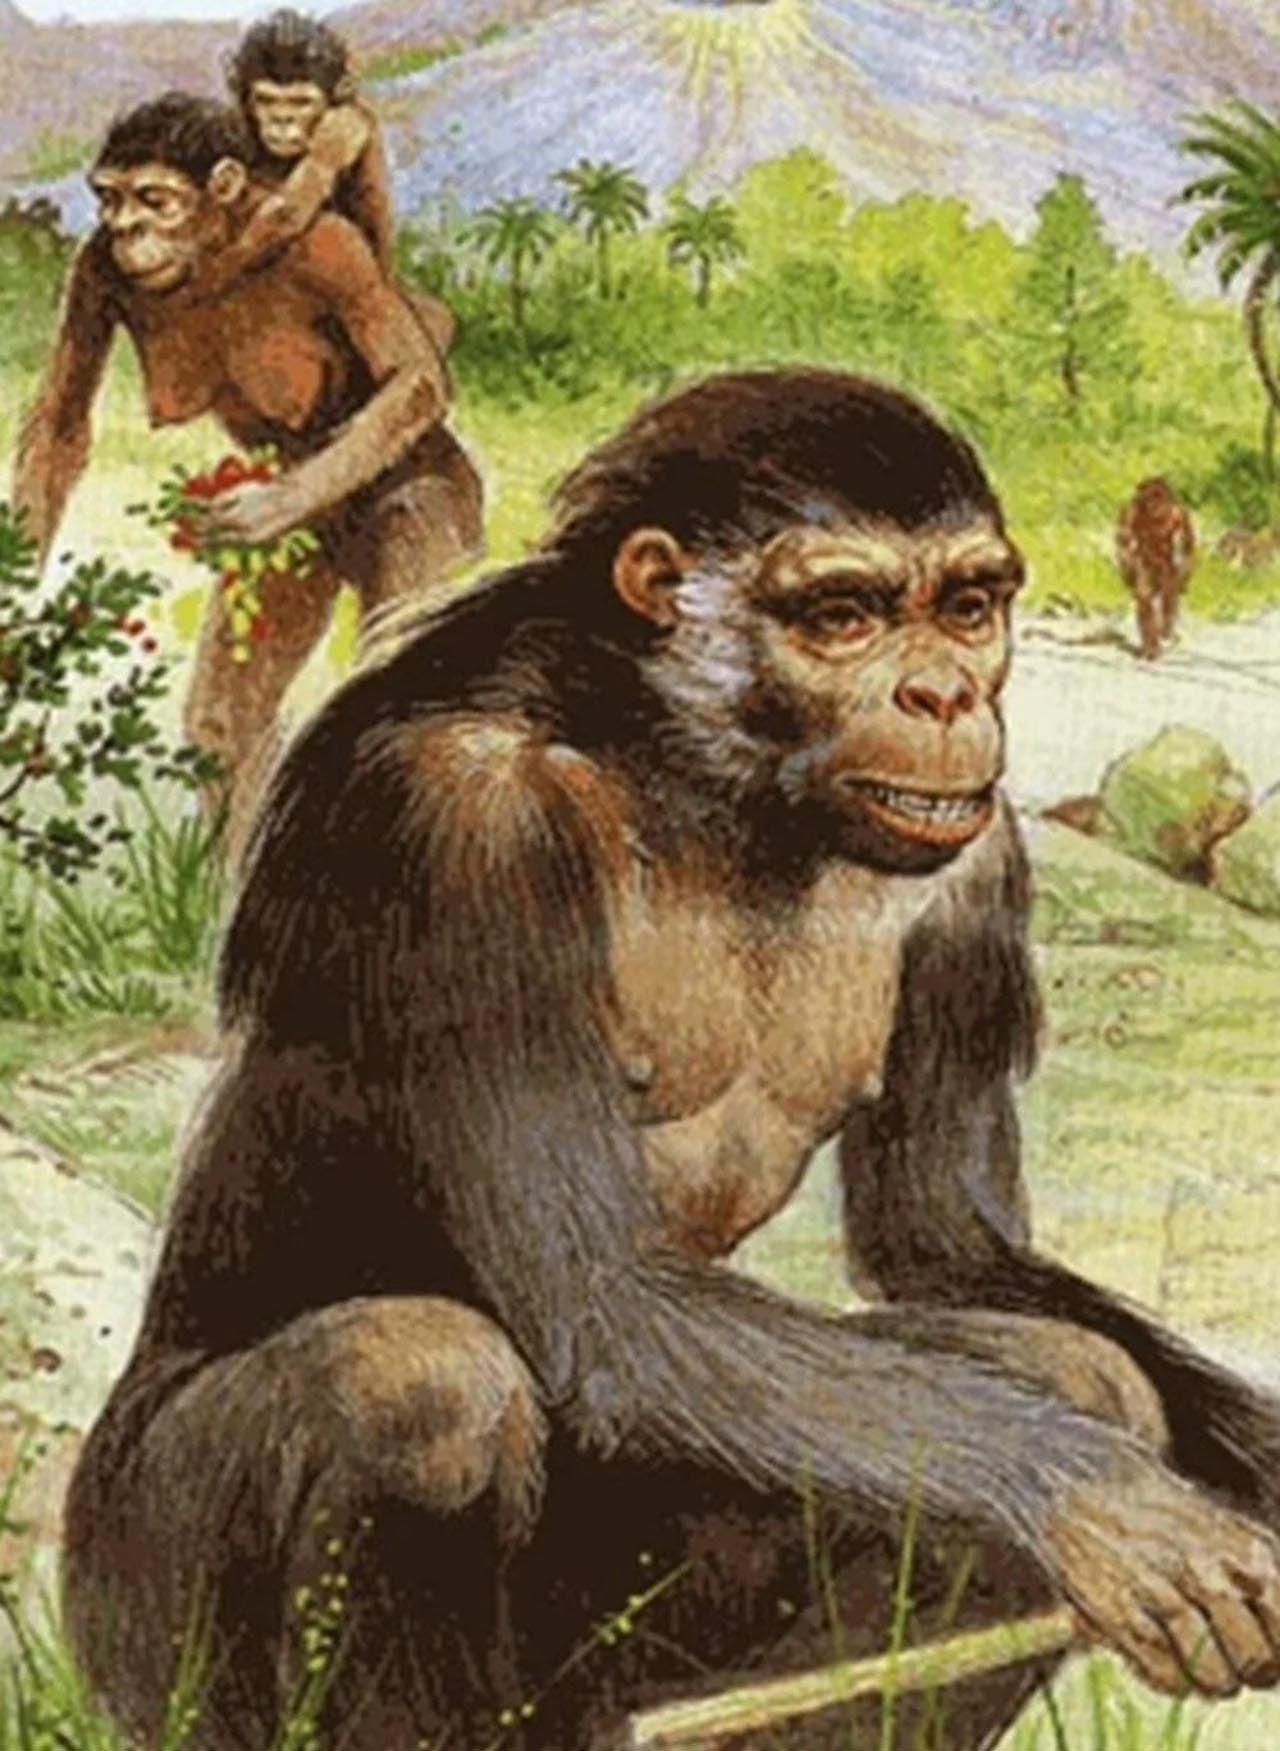 İnsanlık tarihini değiştirecek keşif: Tam 6 milyon yaşında - Resim: 4